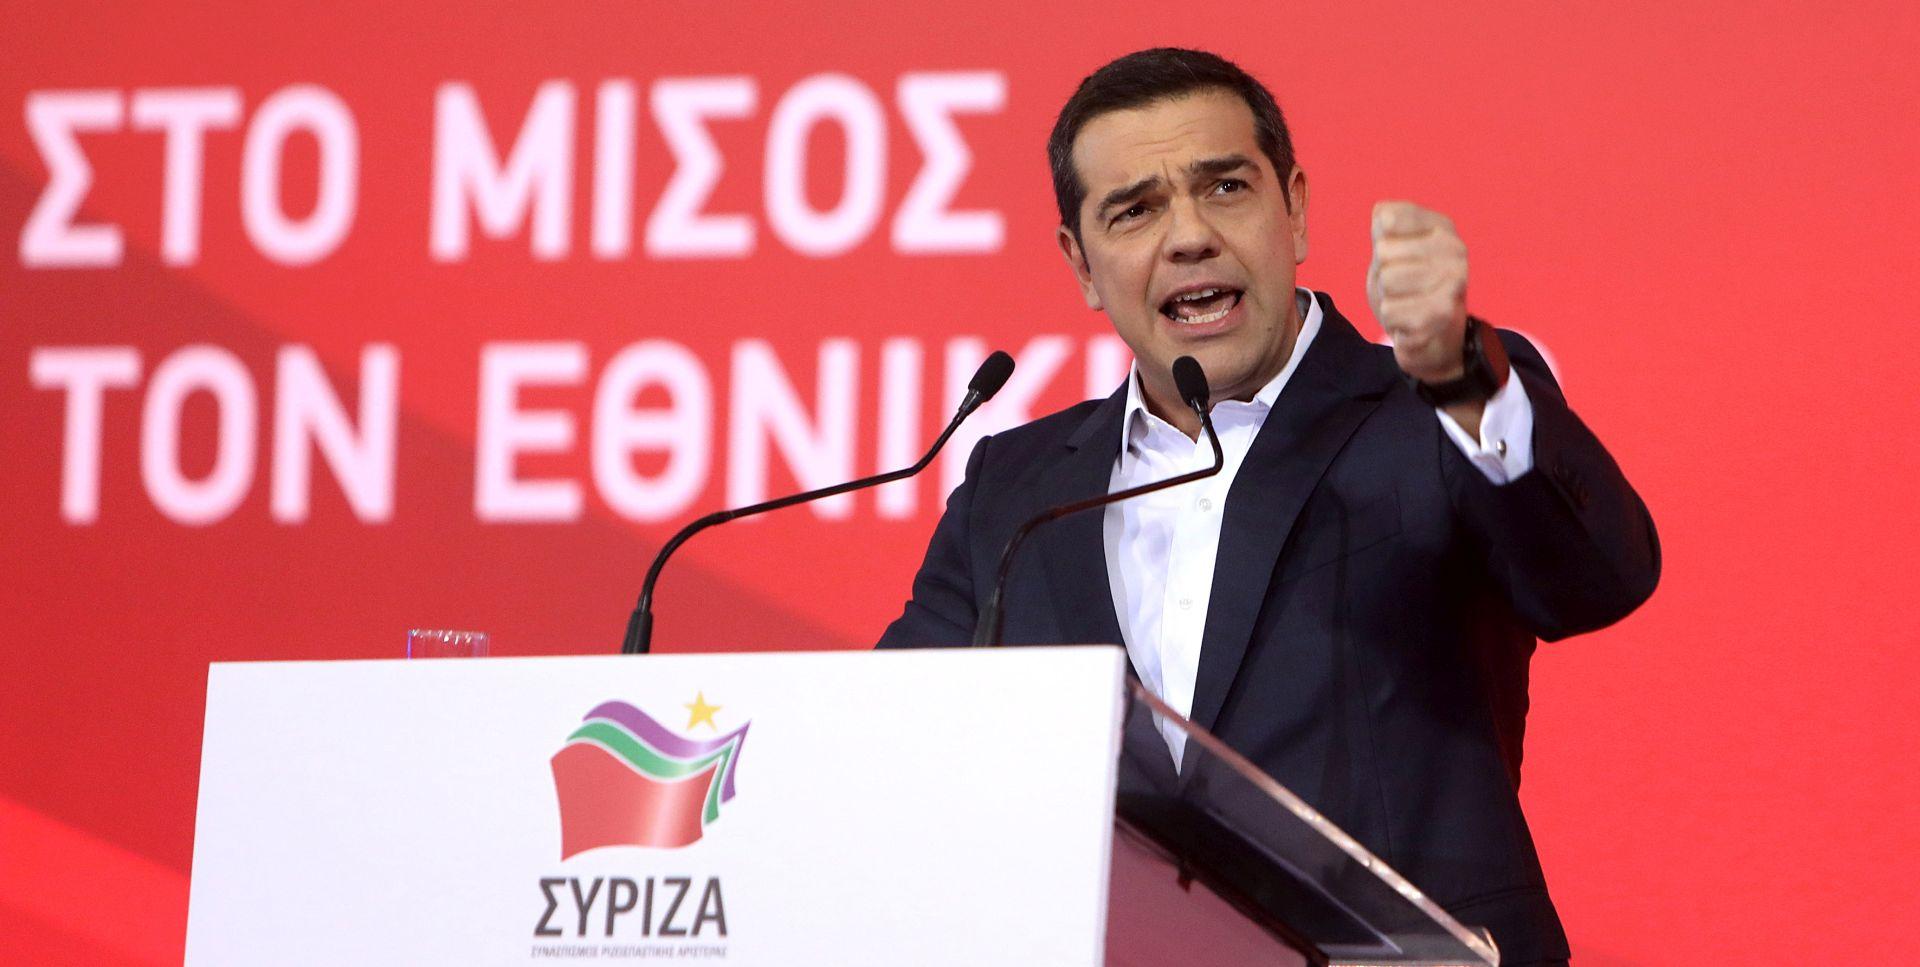 Grčki parlament u srijedu glasuje o povjerenju vladi